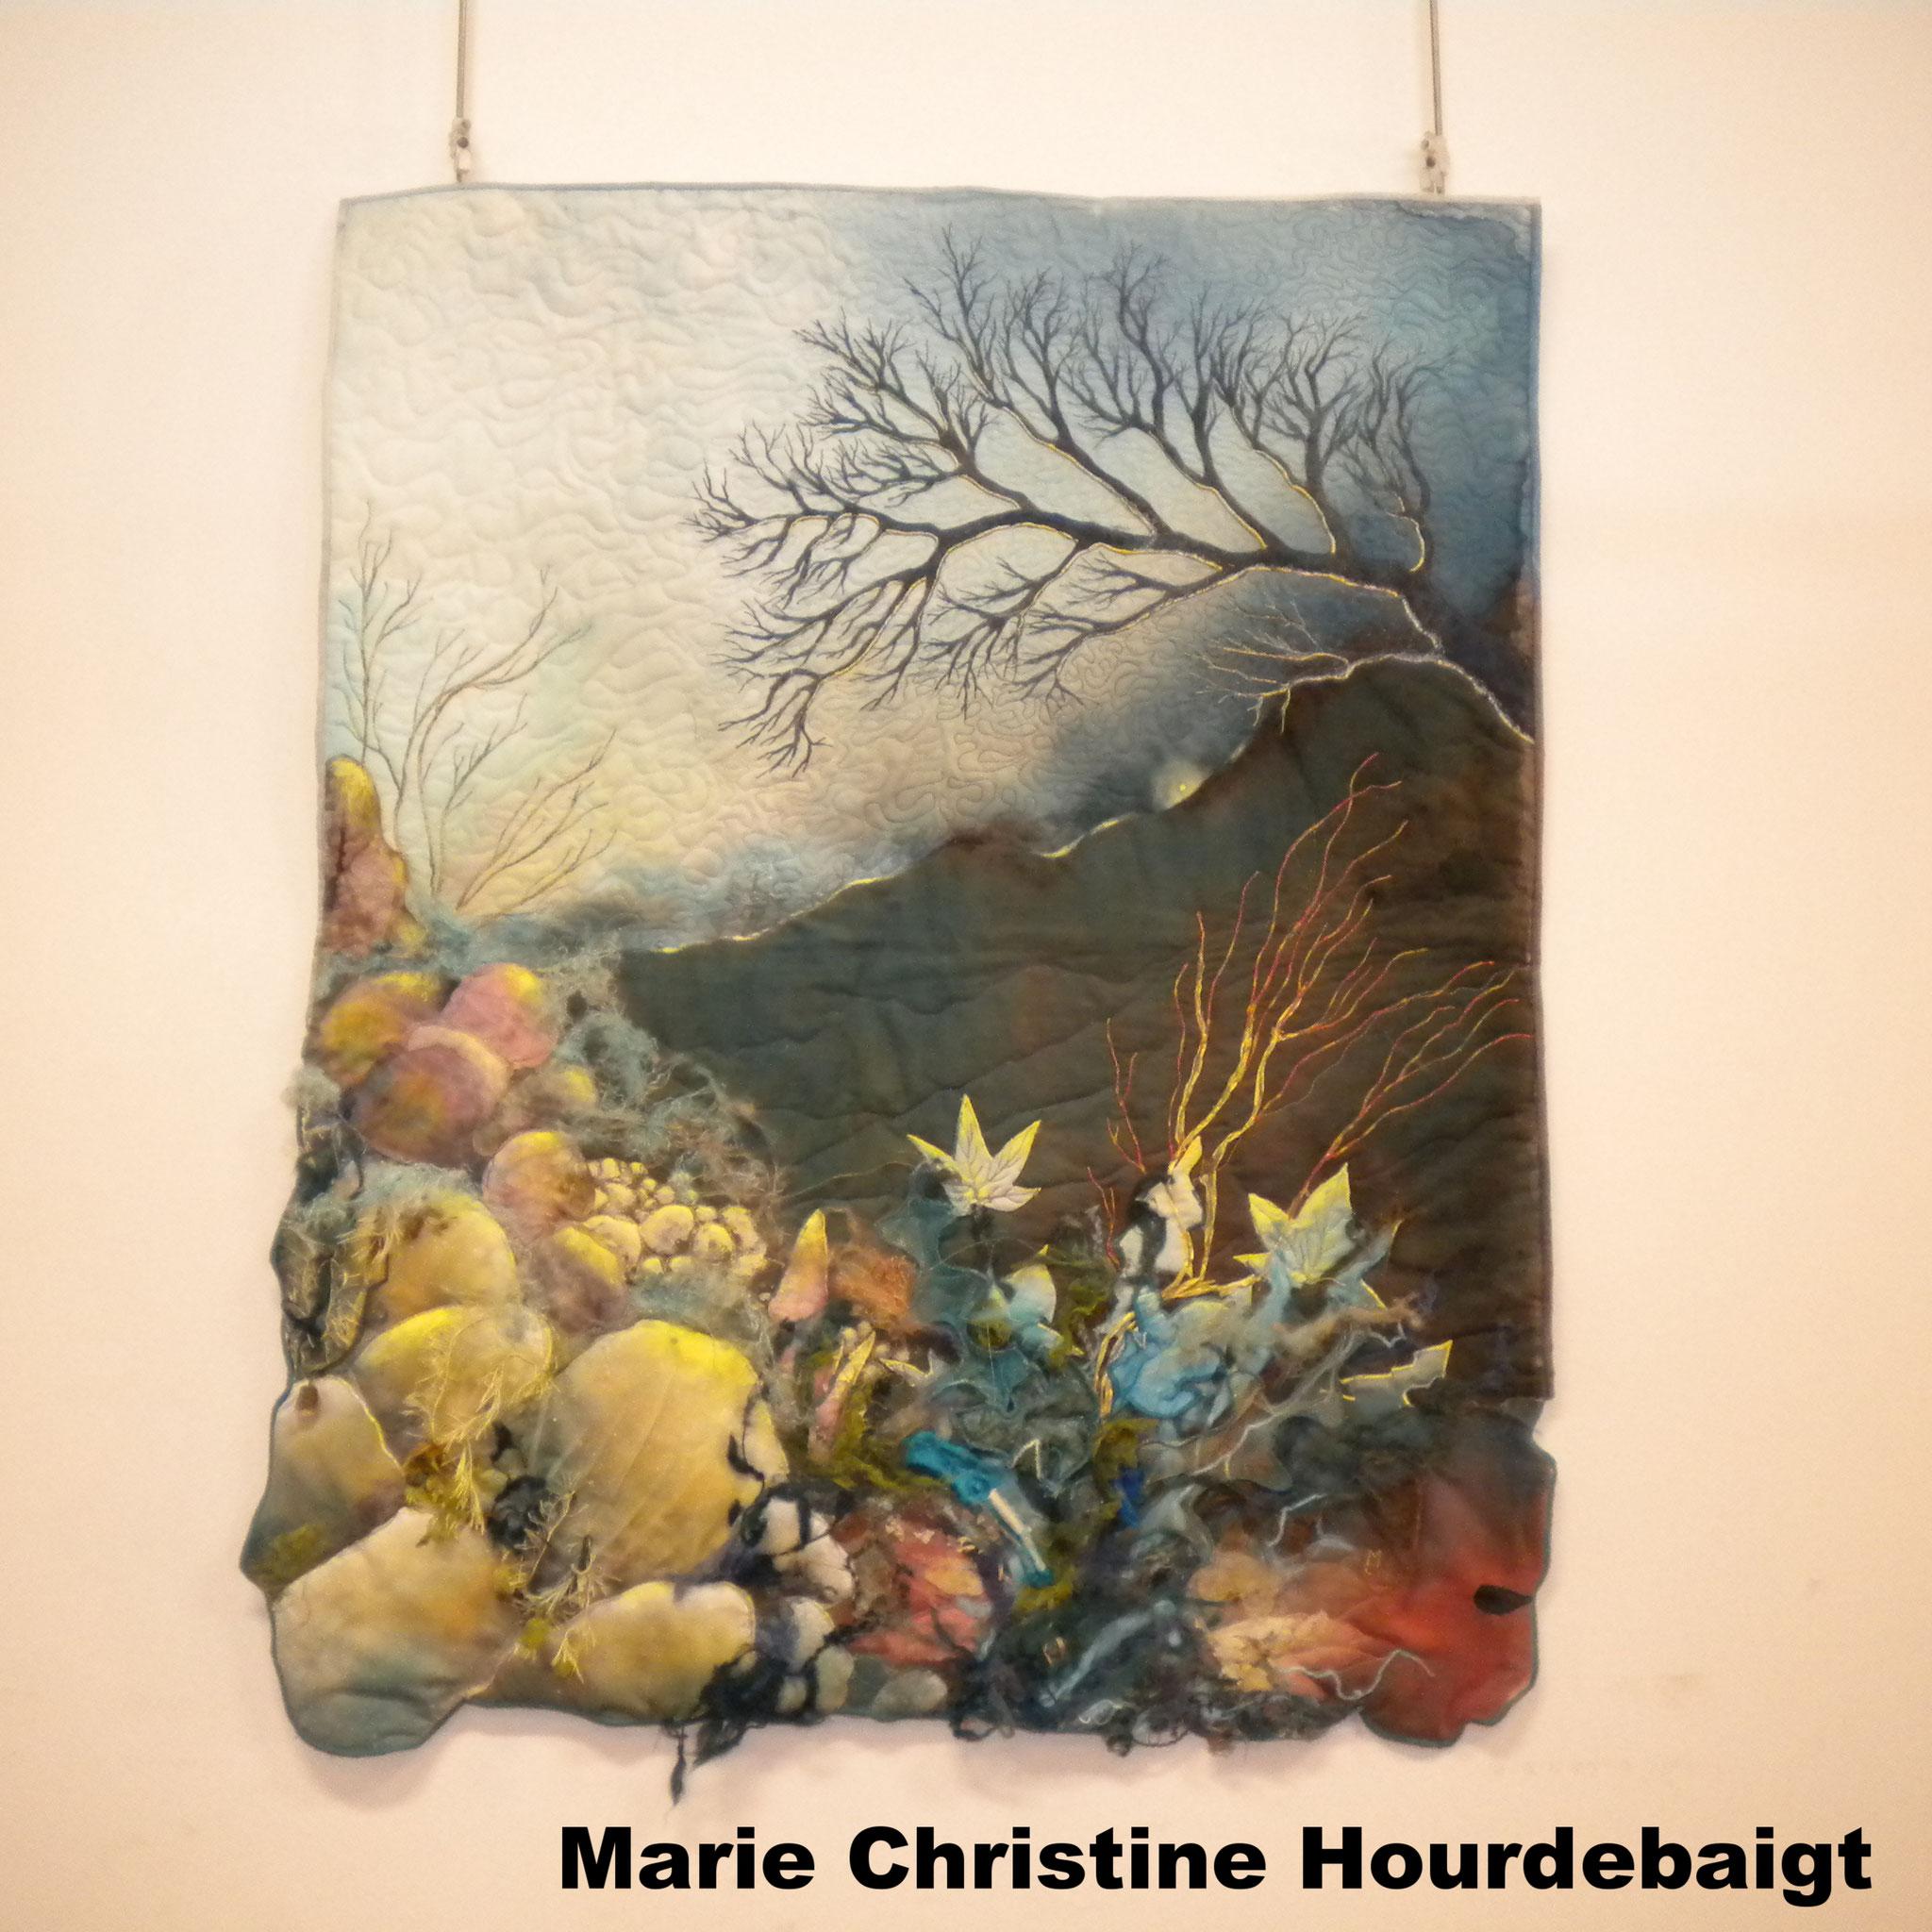 Marie Christine HOURDEBAIGT exposition art textile à la Fête du Fil 15 août Labastide Rouairoux (tarn-81270) FRANCE